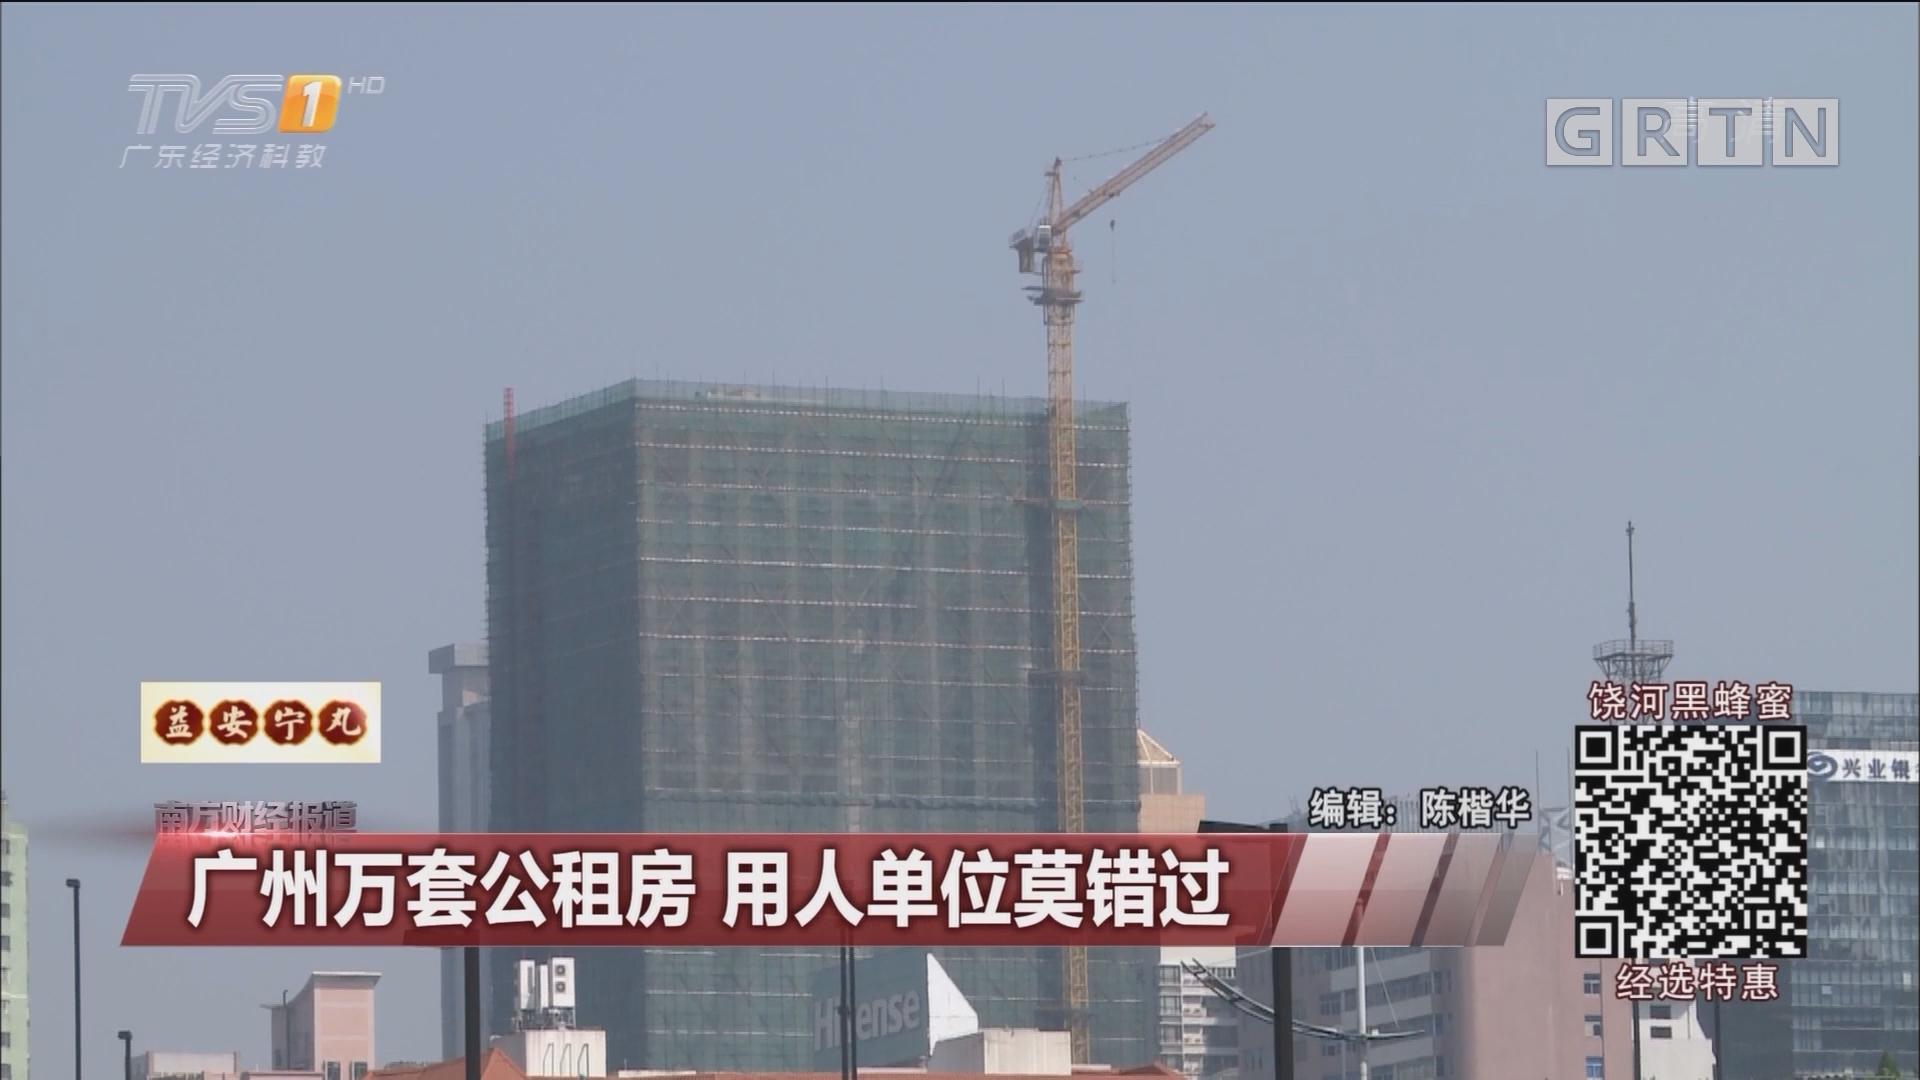 广州万套公租房 用人单位莫错过